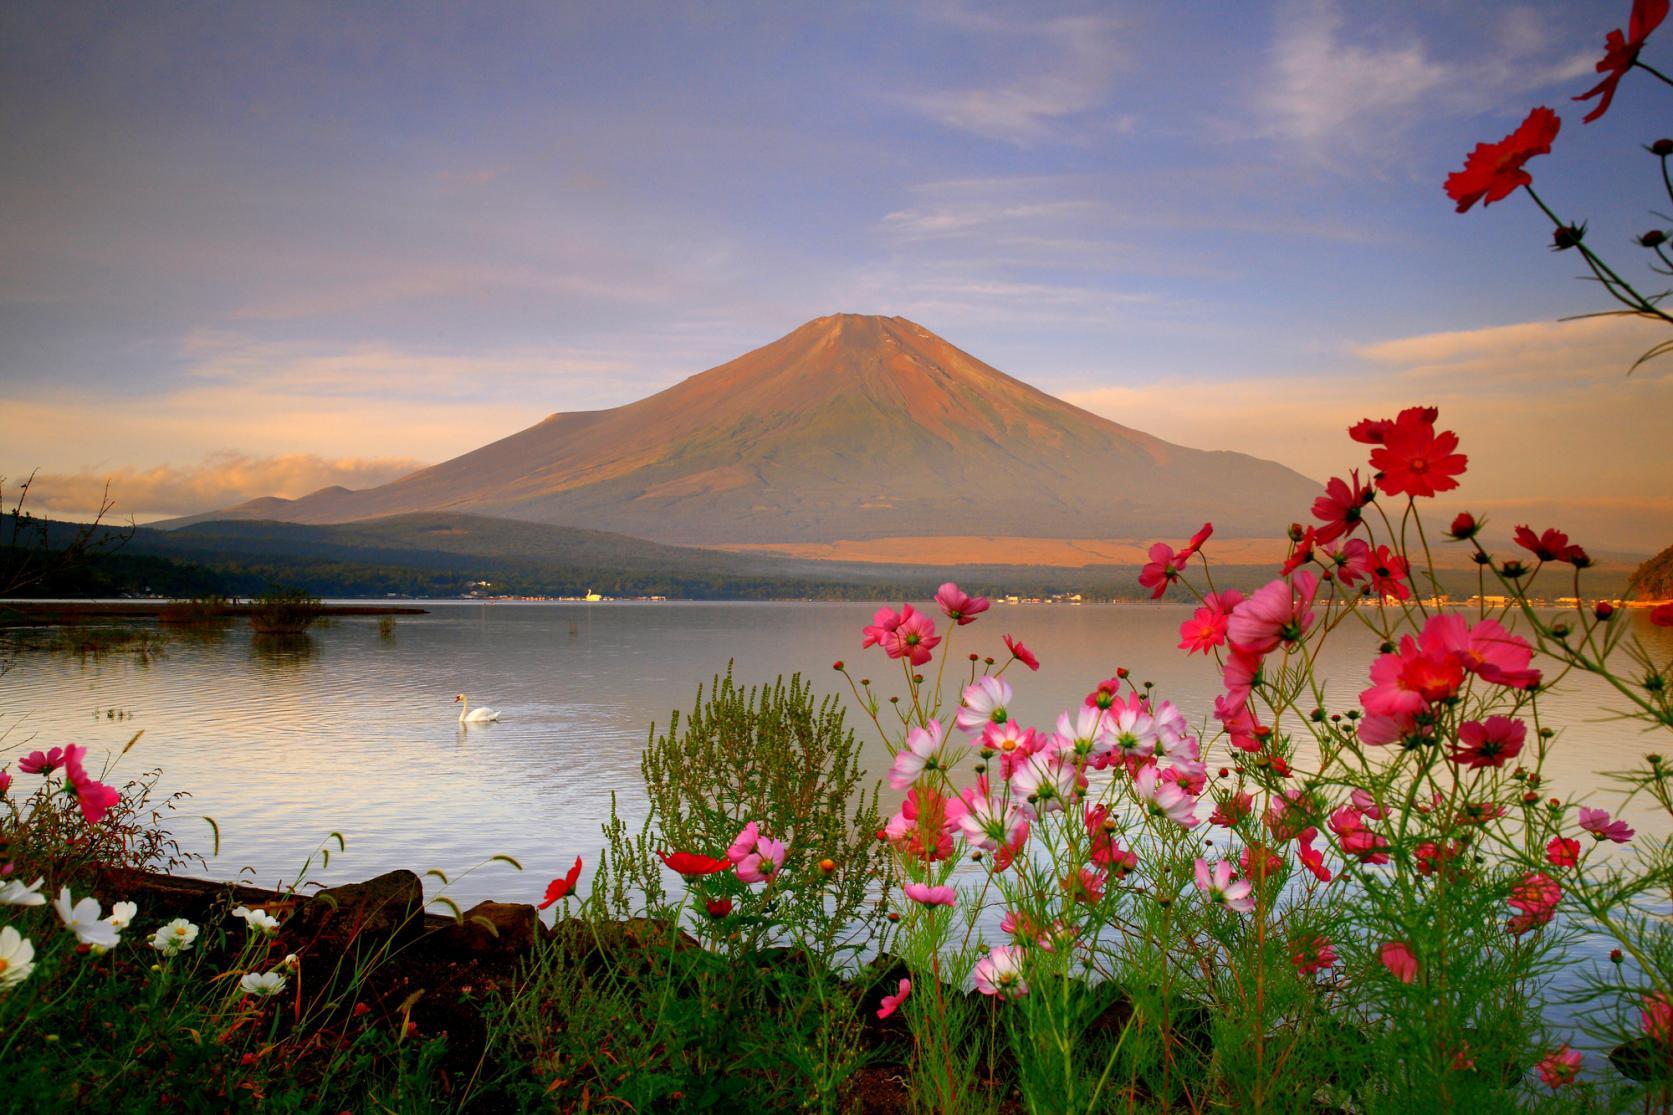 湖と富士山が織りなす四季折々の絶景-2